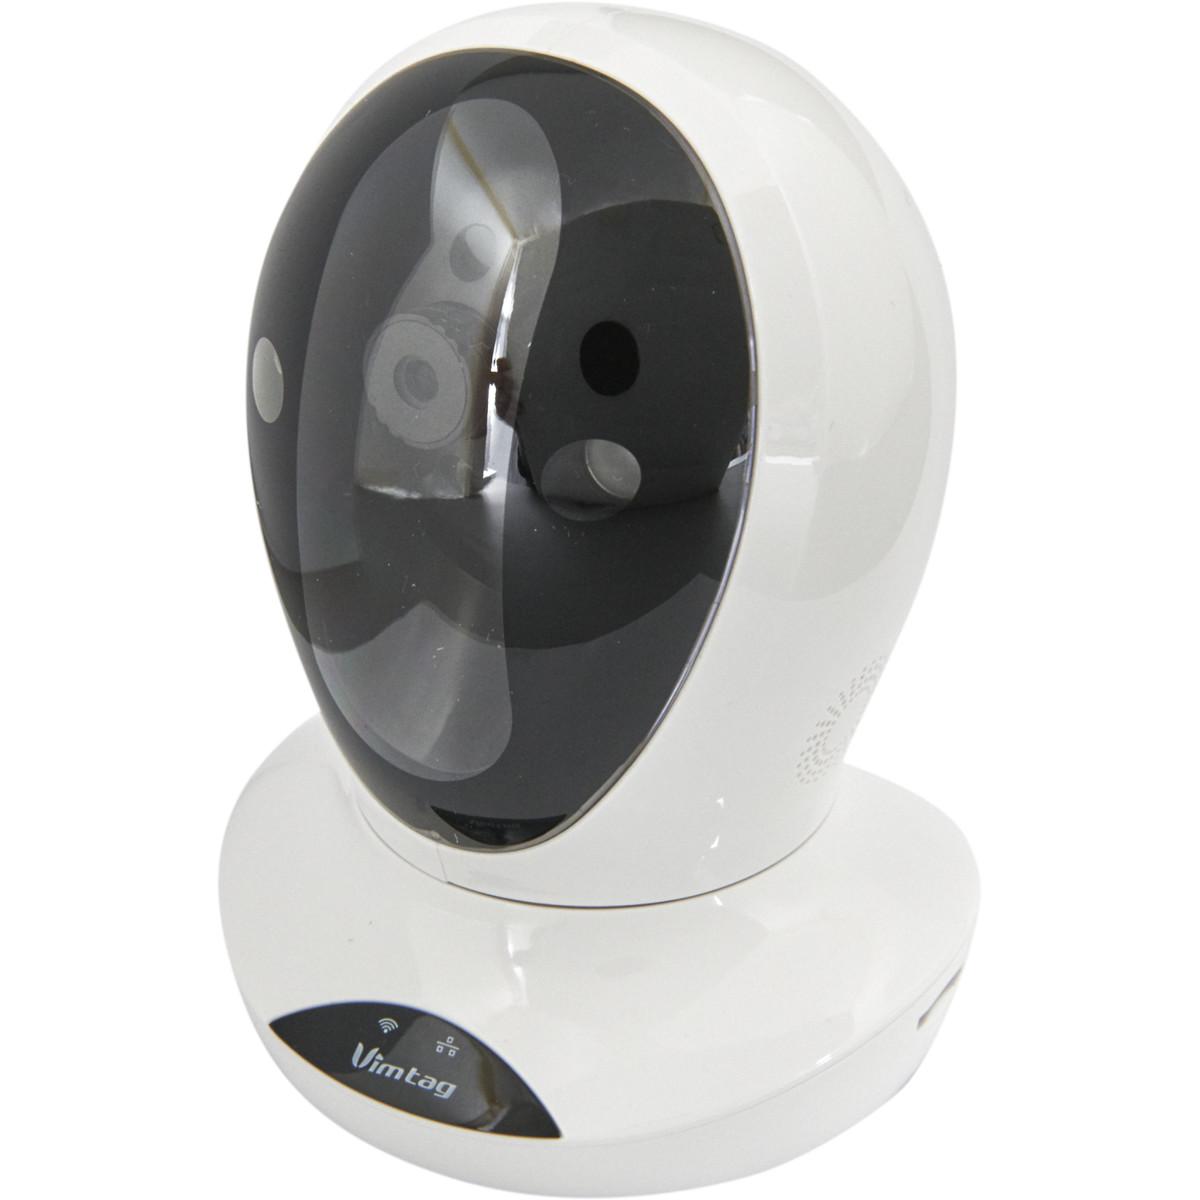 Компект для видеонаблюдения Vimtag P2 4Мп